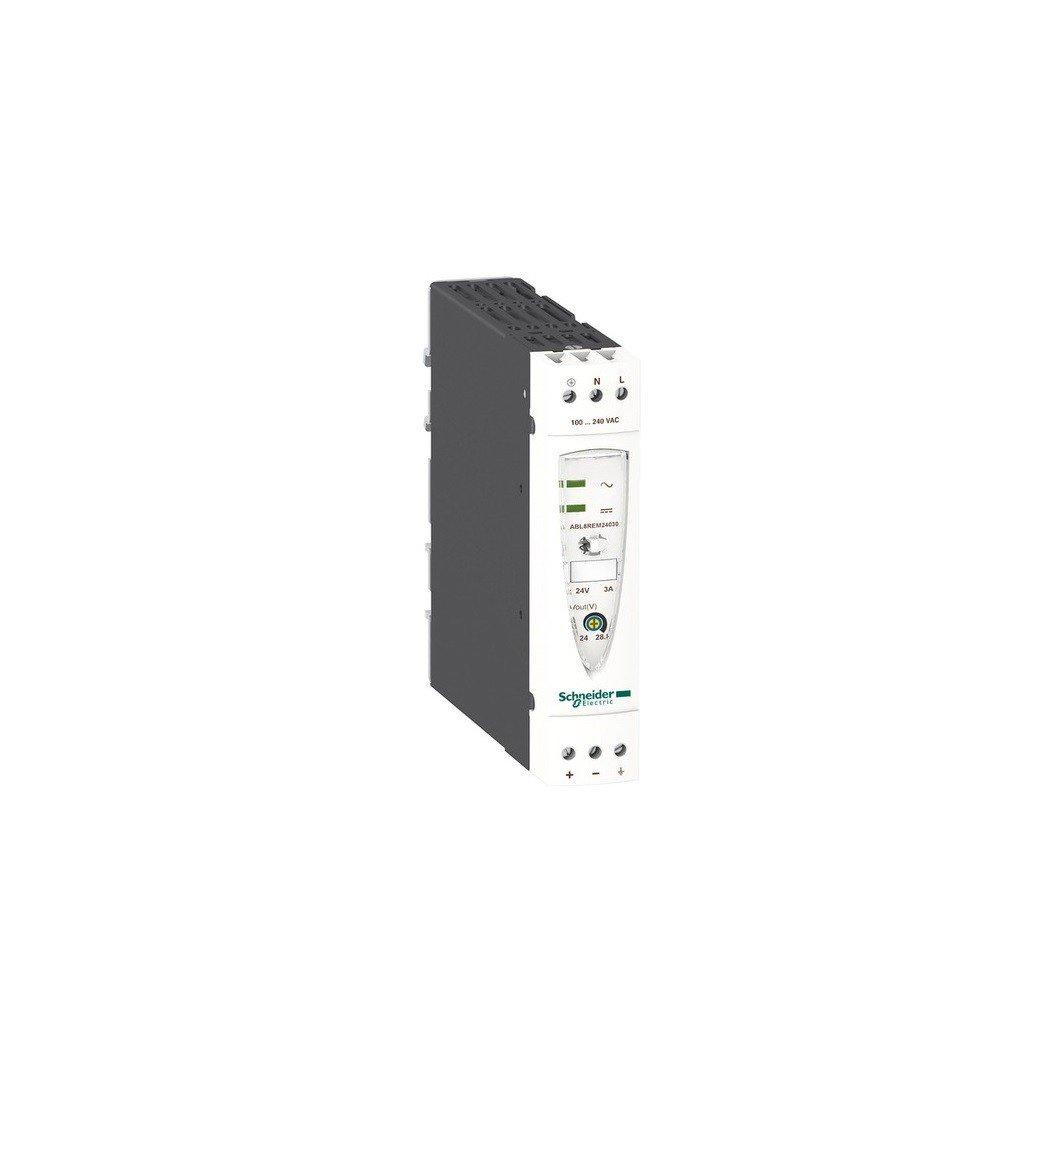 Schneider Electric ABL8REM24030 Fuente De Alim. Conmutada Modular, 1 O 2 Fases, 100-240 V Ca, 24 V, 3 A